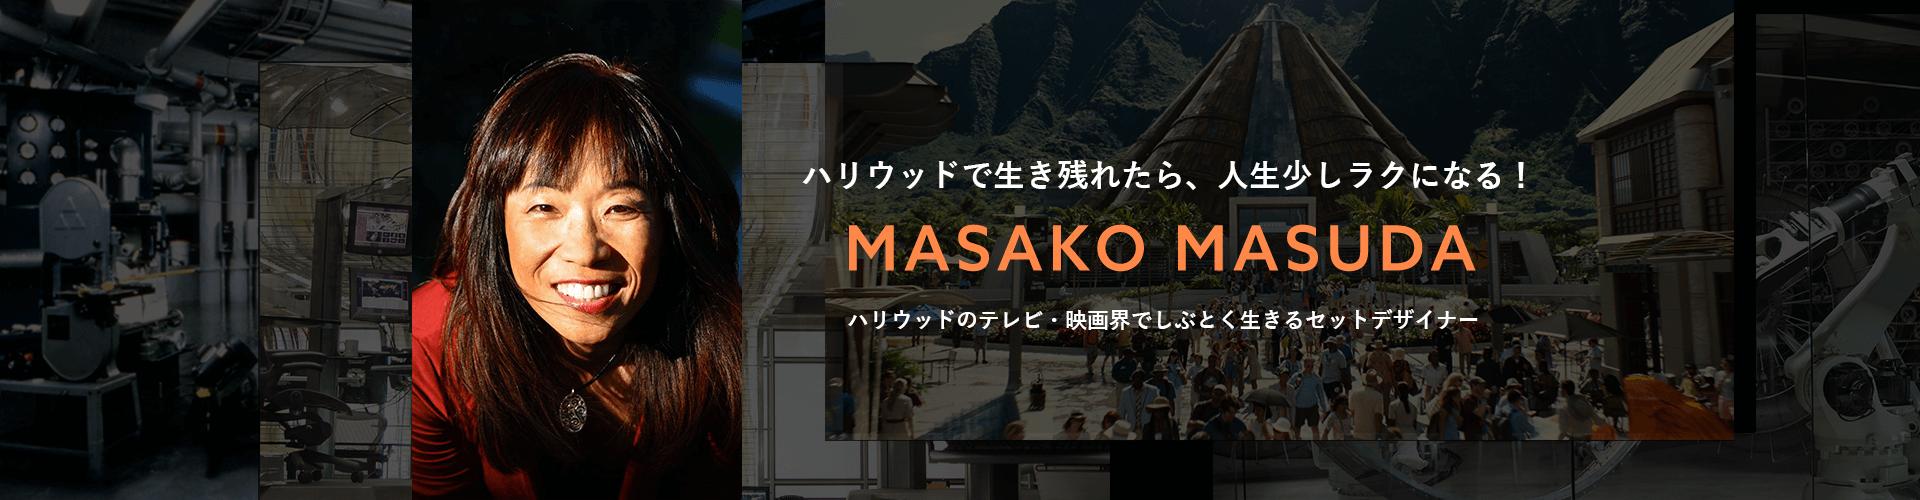 ハリウッドで生き残れたら、人生少しラクになる! MASAKO MASUDA ハリウッドのテレビ・映画界でしぶとく生きるセットデザイナー